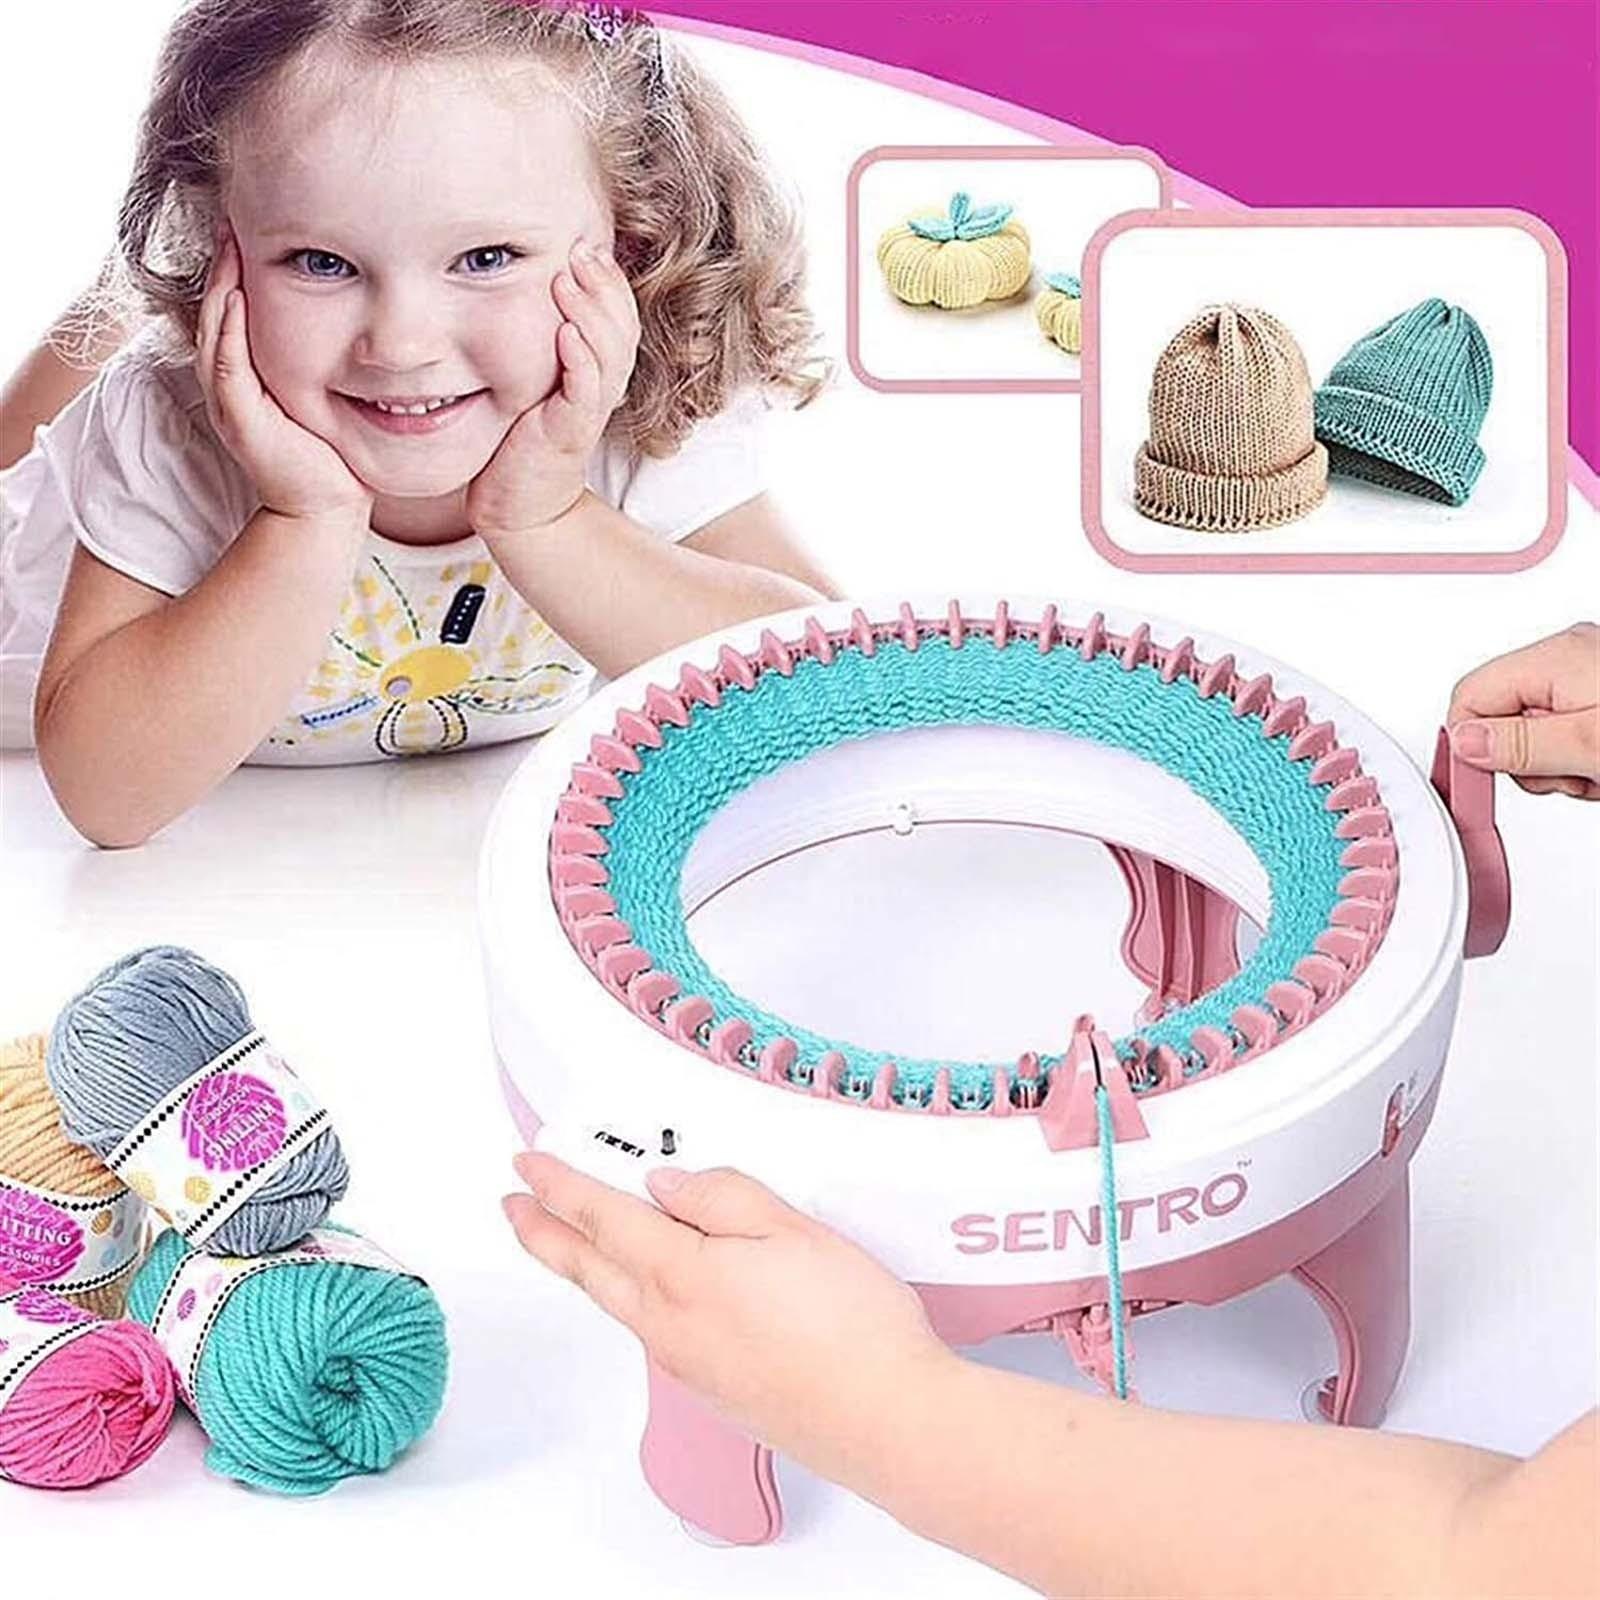 maquina-de-tejer-lana-hecha-a-mano-para-ninos-y-adultos-48-agujas-telar-de-lana-cilindrico-bufanda-tejida-a-mano-sueter-sombrero-calcetines-artefacto-perezoso